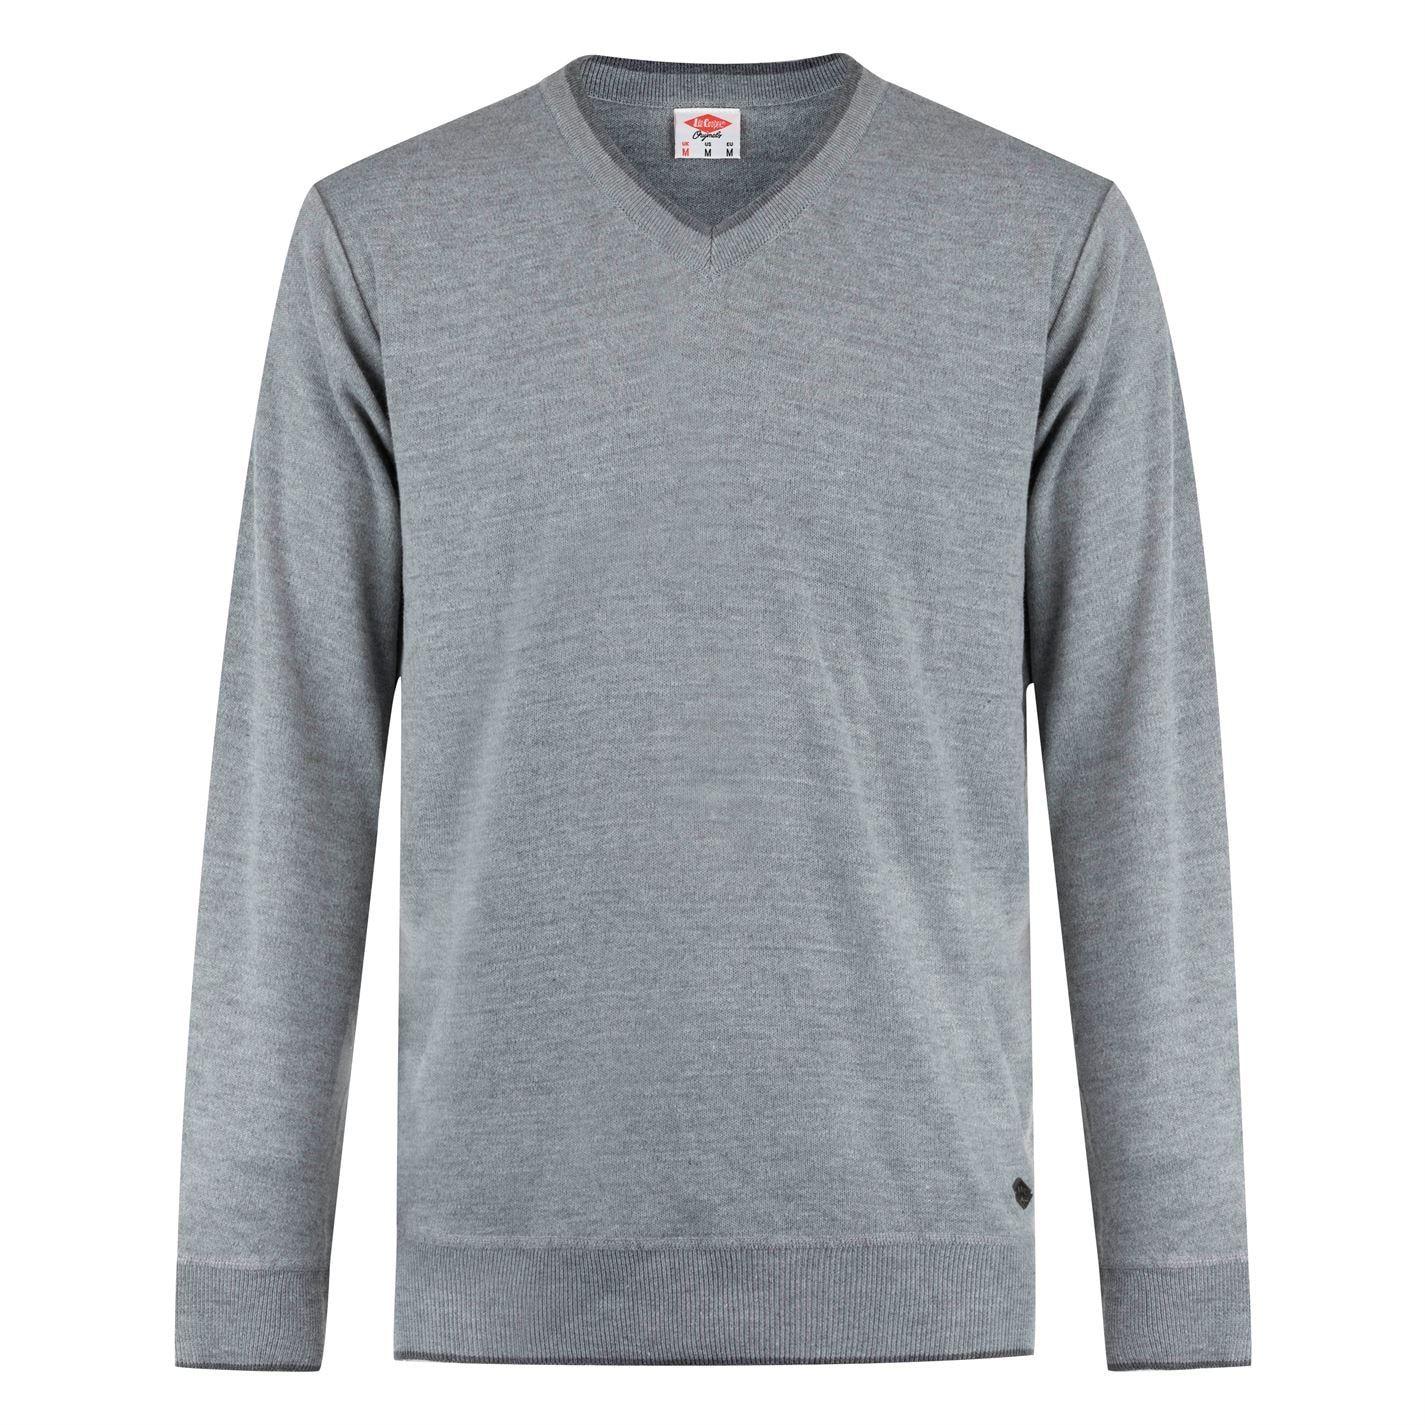 Lee-Cooper-Cuello-en-V-sueter-pulover-jumper-Top-Para-Hombre miniatura 10